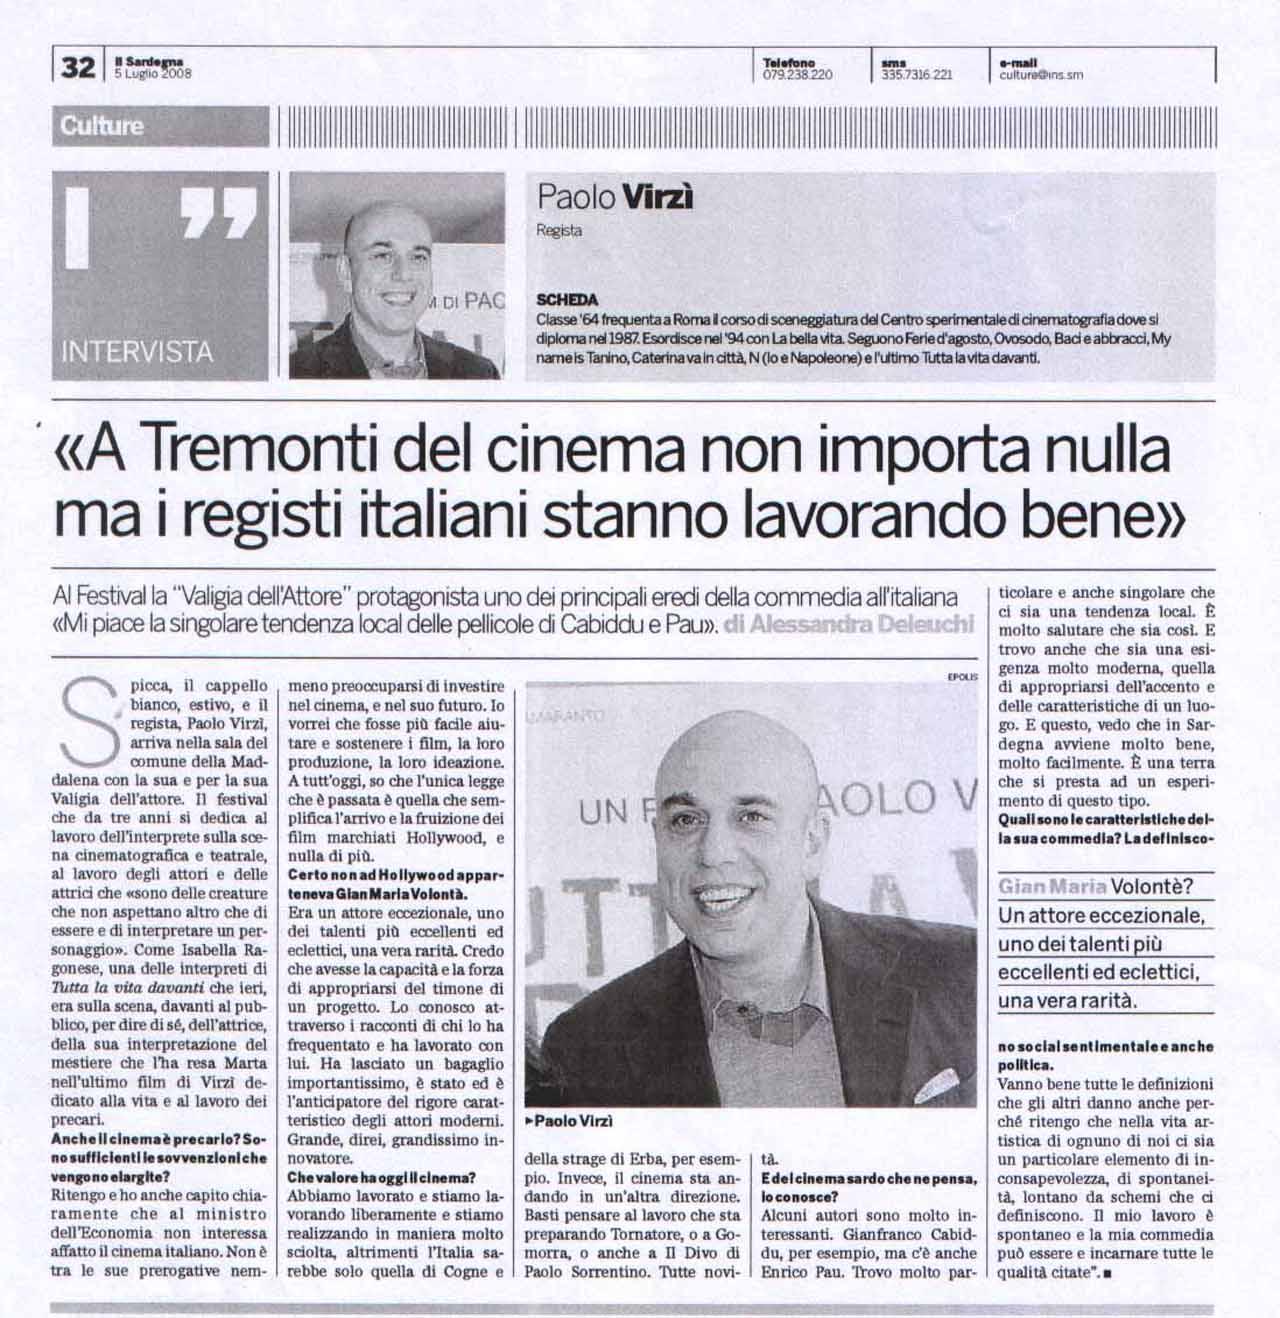 05-07-08 Il Sardegna Culture Intervista - Copia